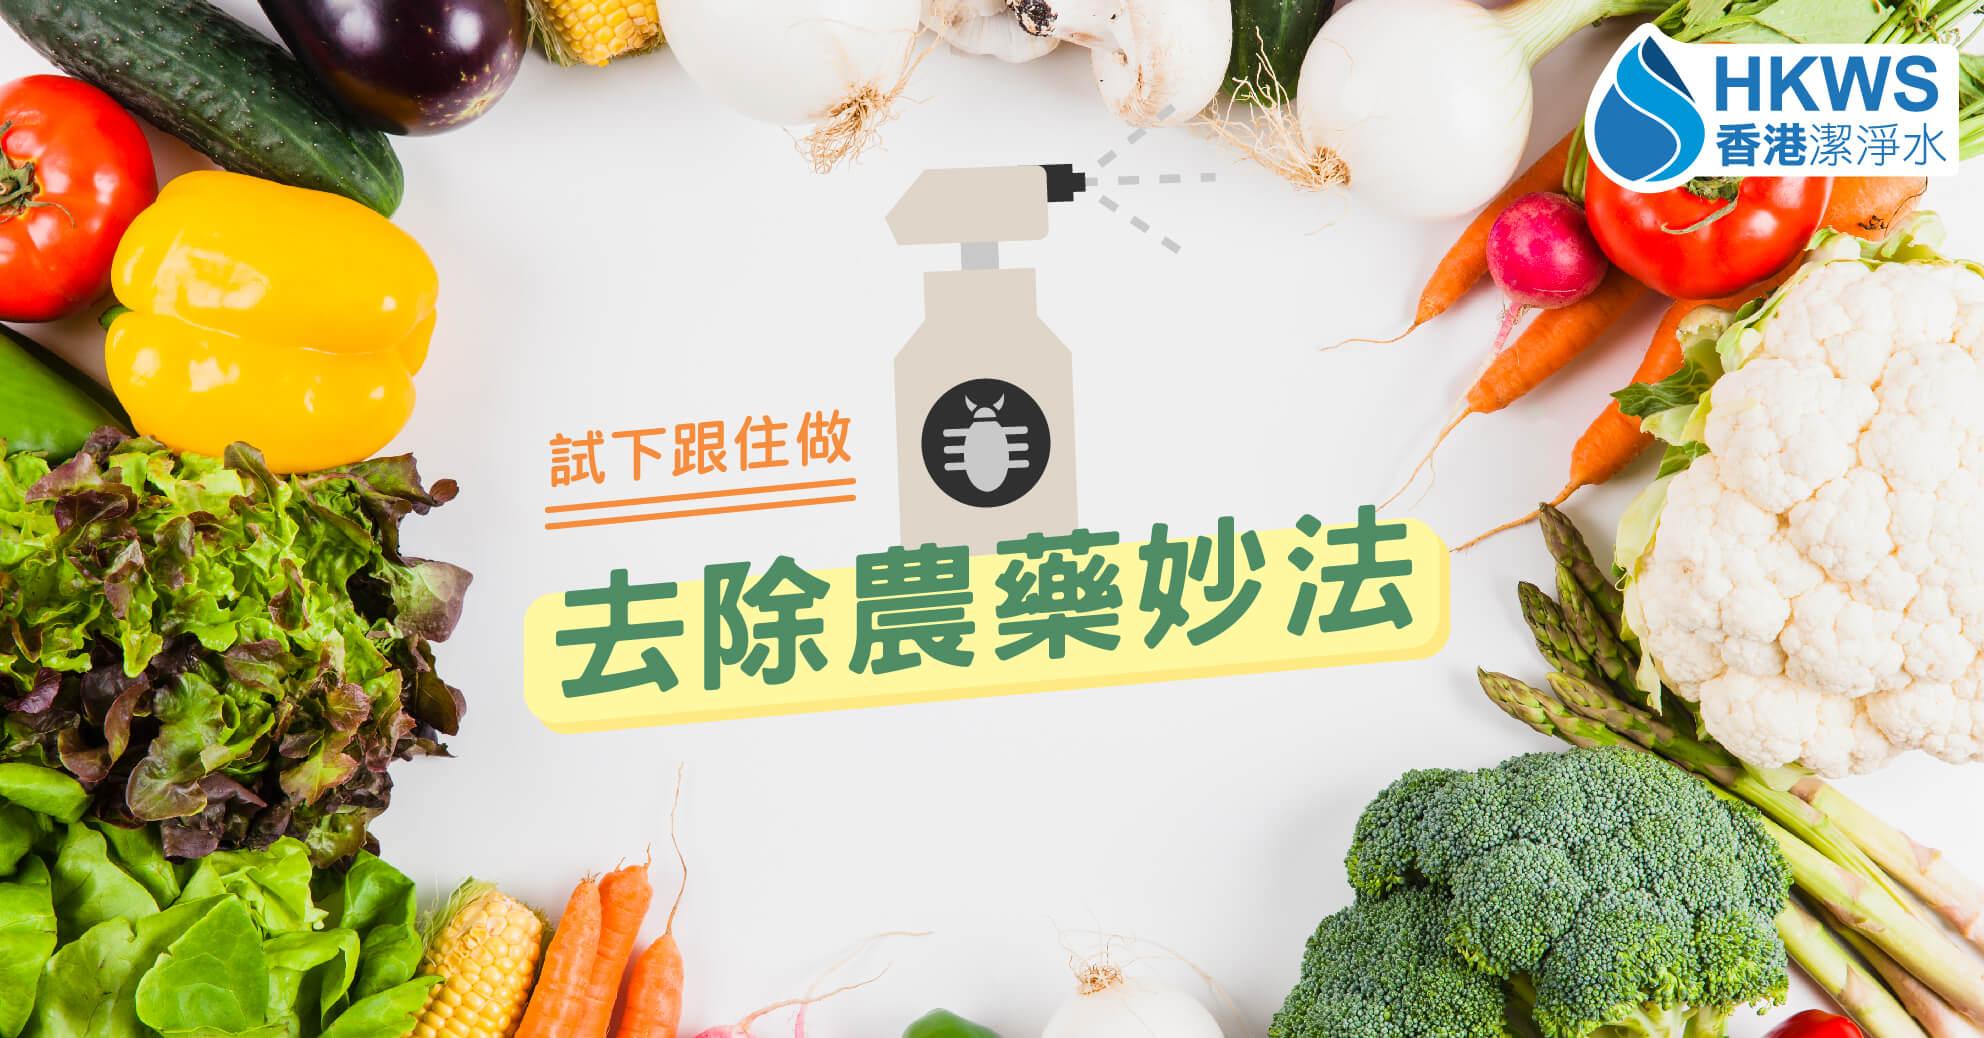 簡單去除農藥的措施